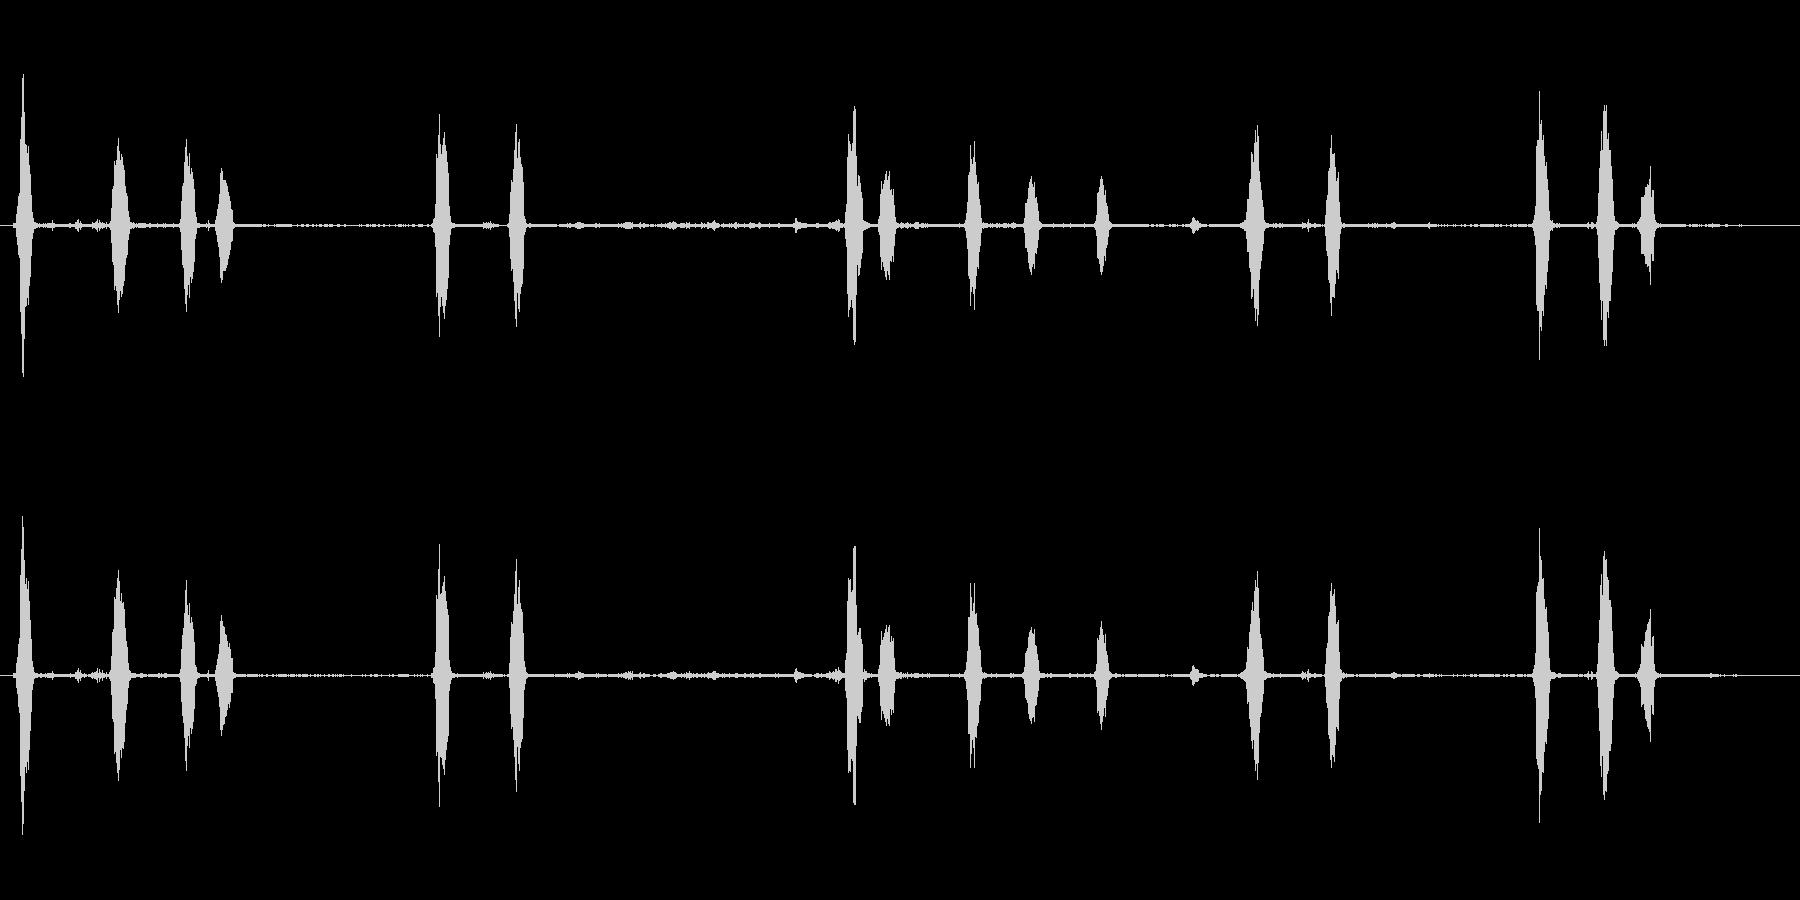 犬、樹皮、近く、屋外; DIGIF...の未再生の波形